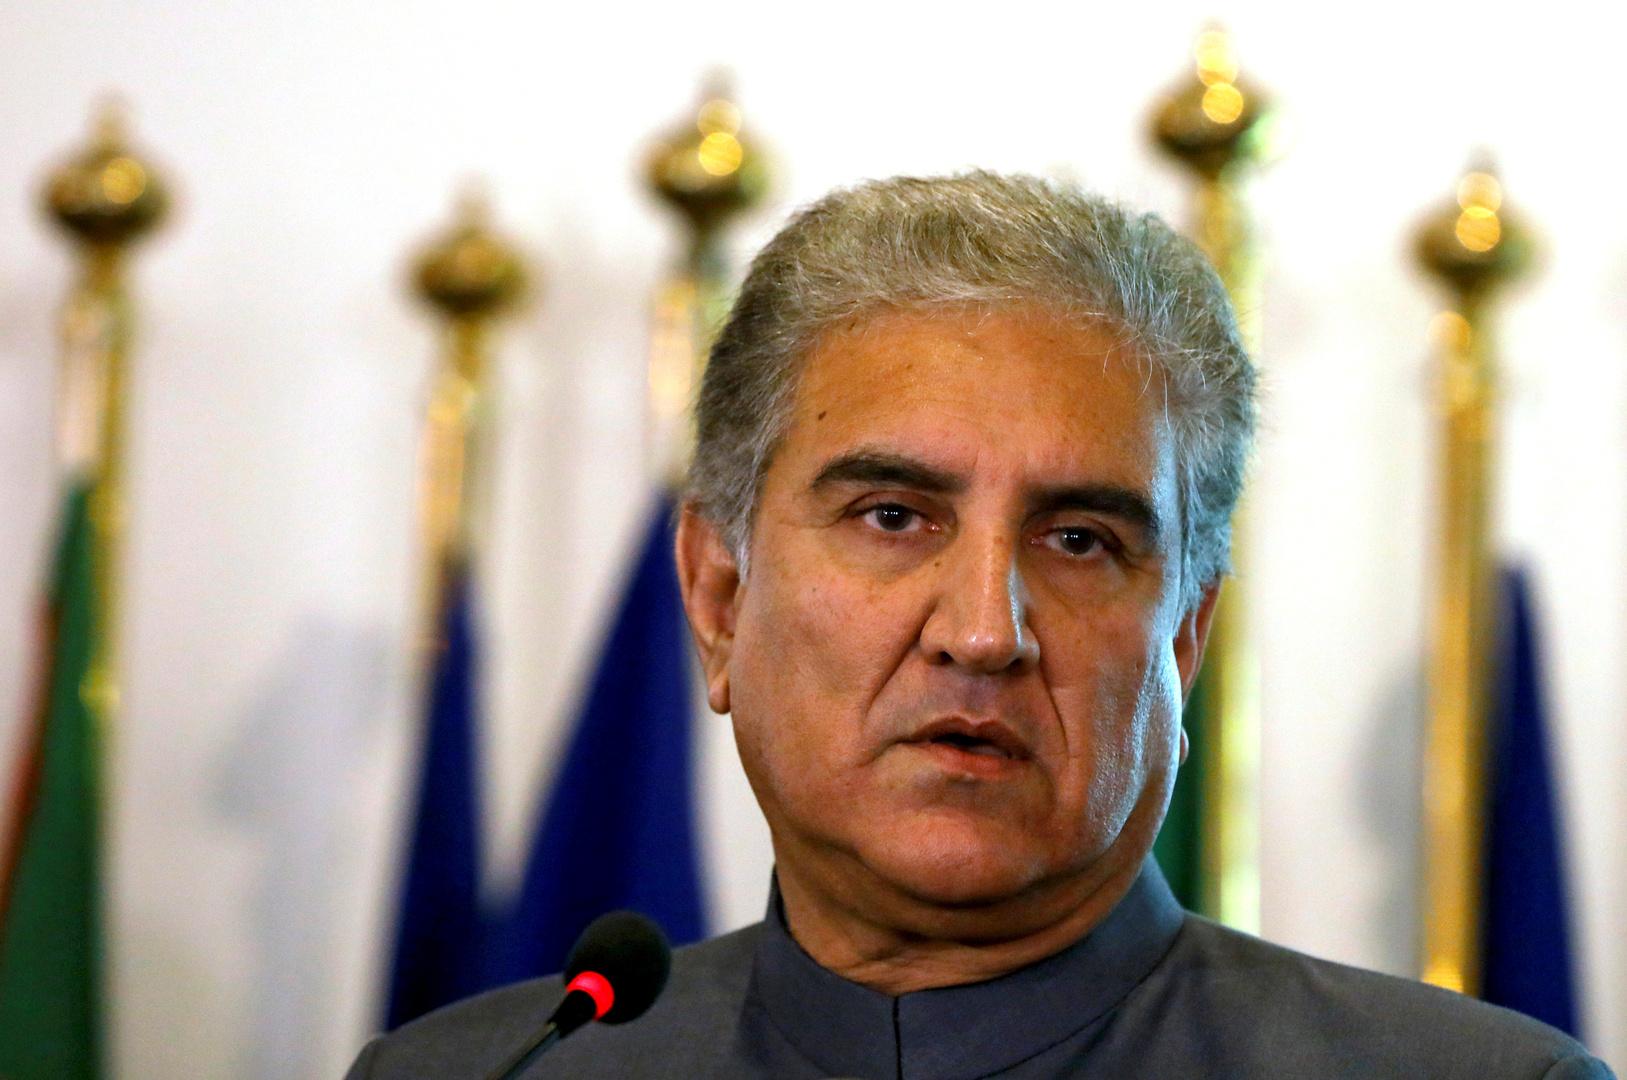 باكستان: اغتيال سليماني يهدد استقرار العراق وإيران ويدفع المنطقة نحو حرب جديدة